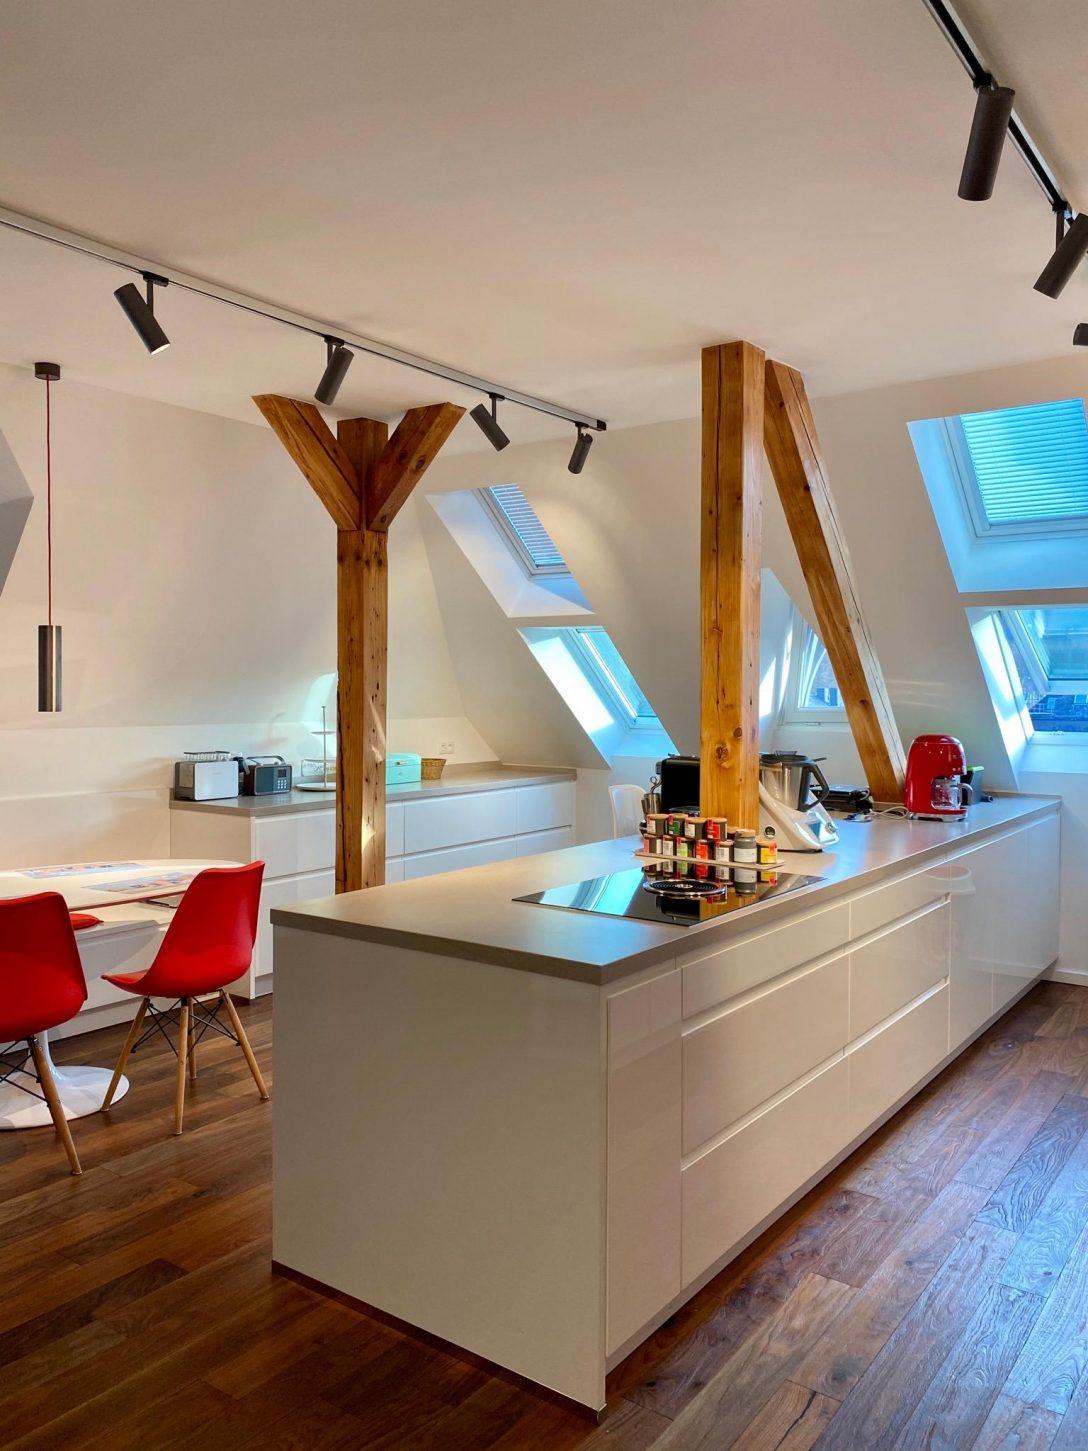 Large Size of Küchenideen Kitcheninspo Kchenideen Altbauwohnung Couch Wohnzimmer Küchenideen